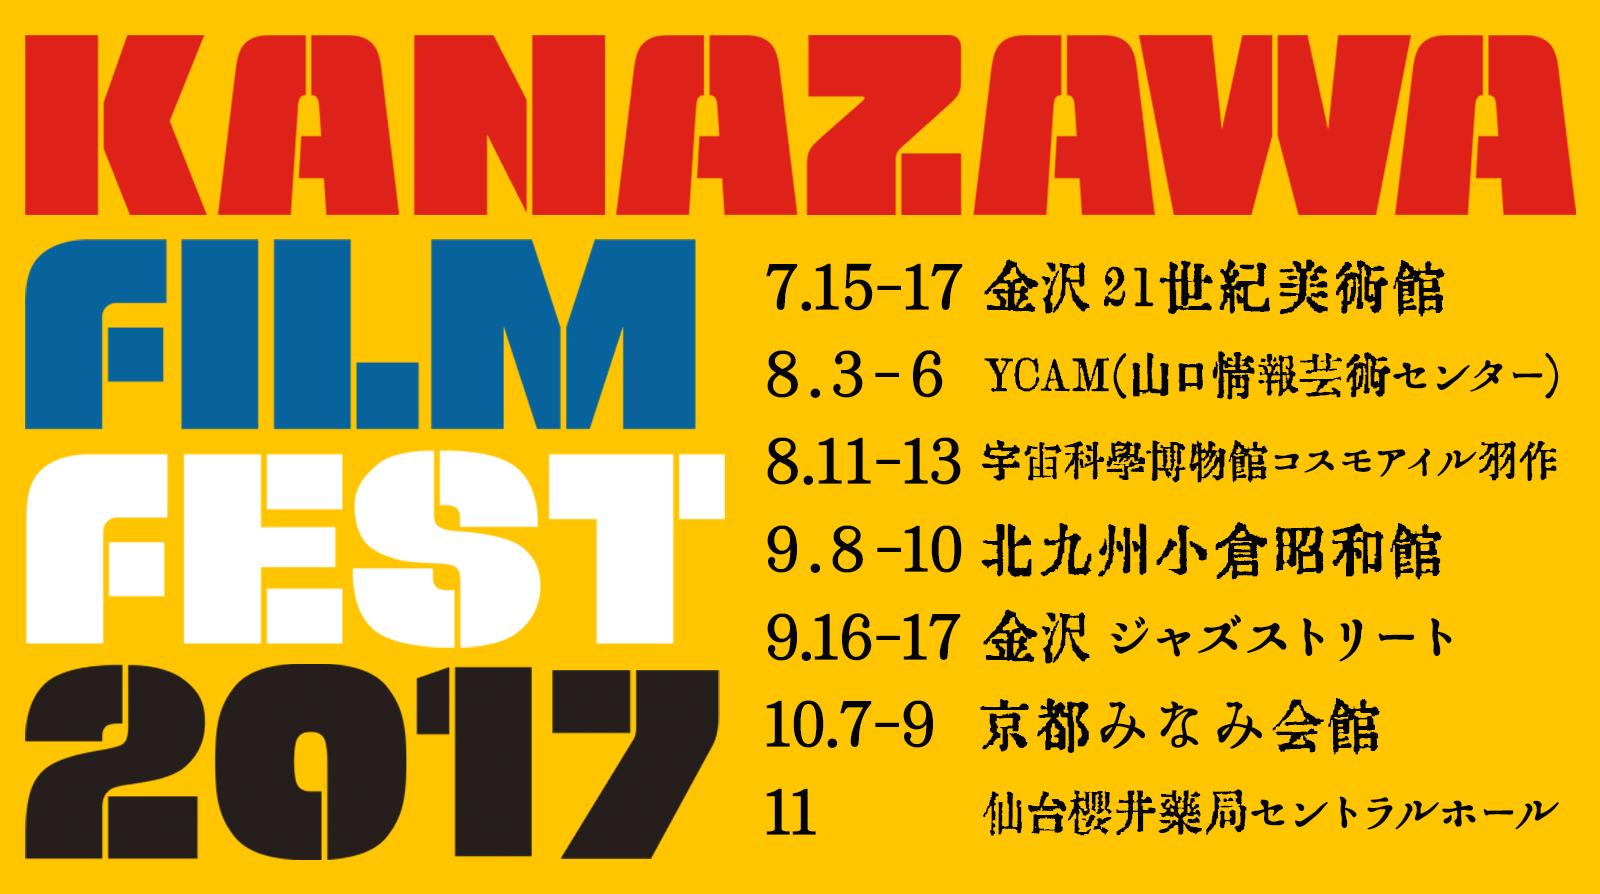 kanazawa_2017_banner_0402.jpg